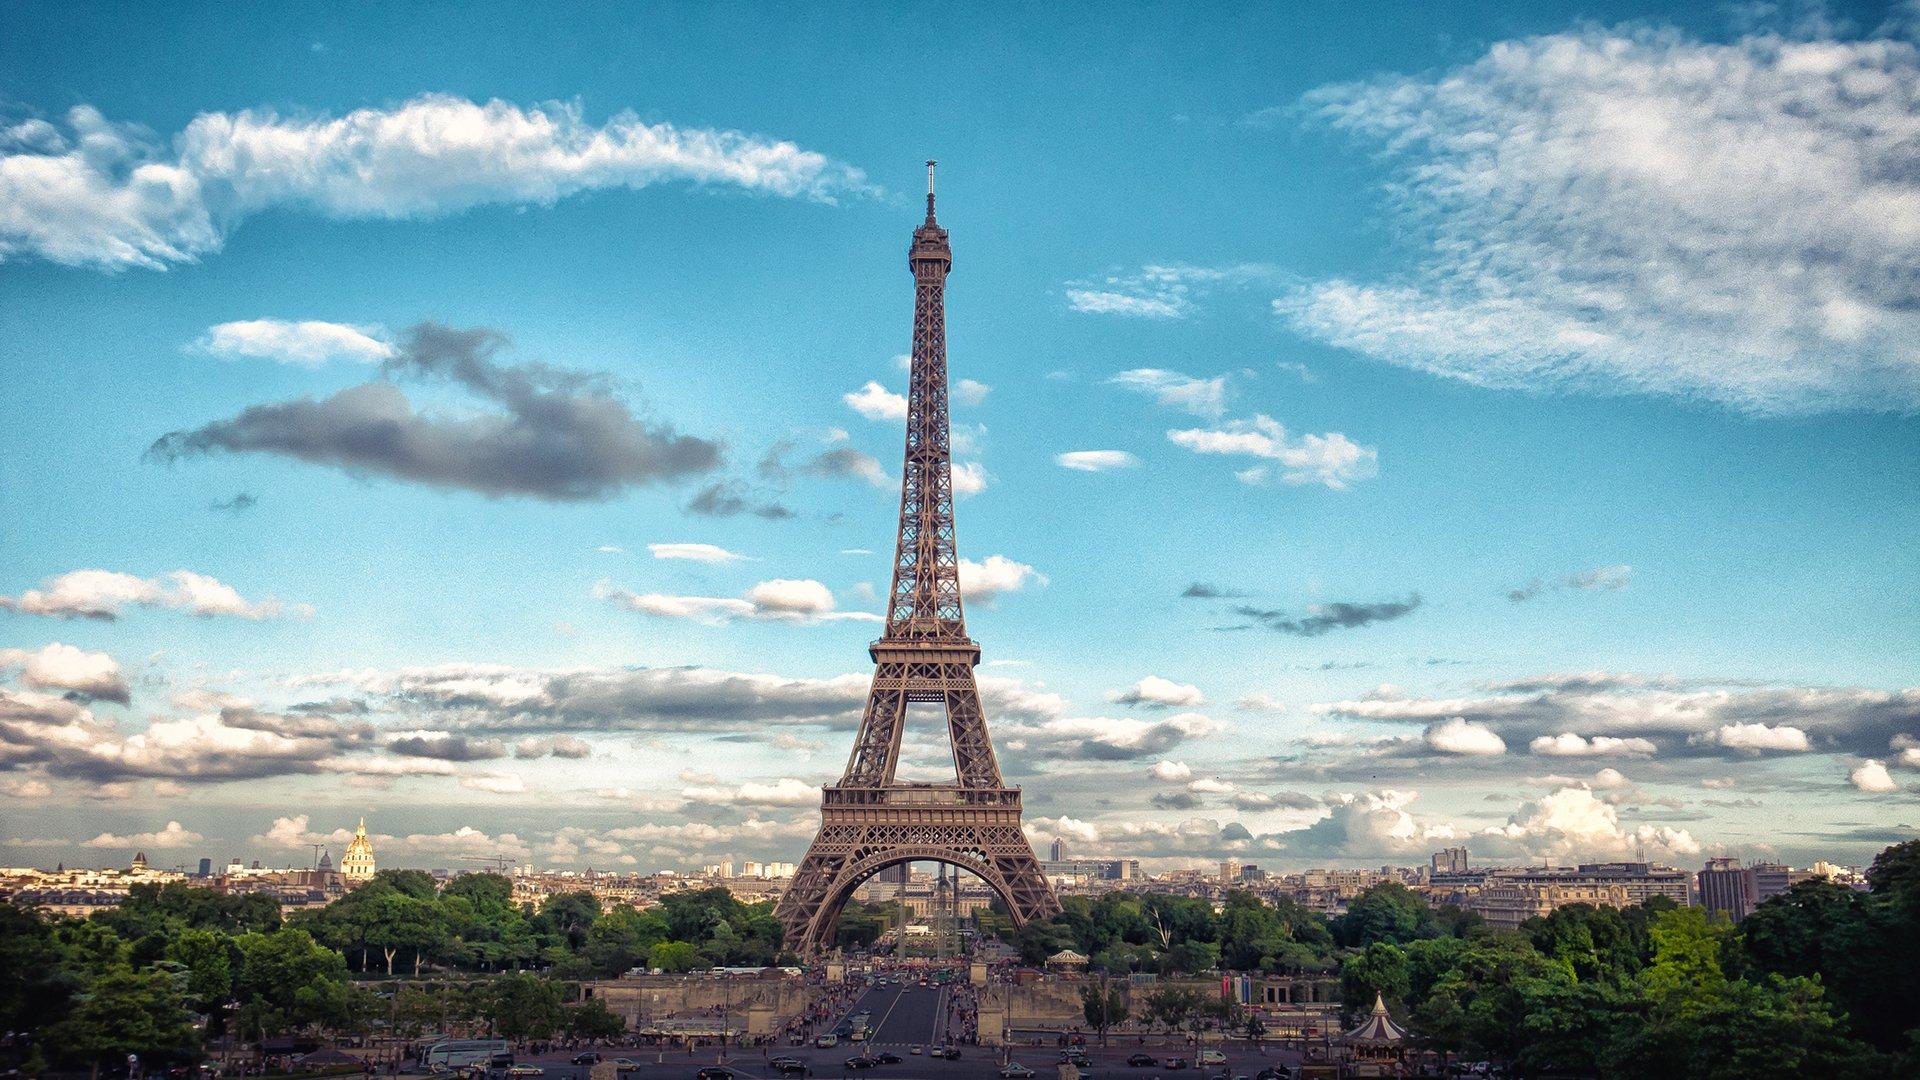 Iphone 7 Wallpaper Pinterest Tour Eiffel Full Hd Fond D 233 Cran And Arri 232 Re Plan